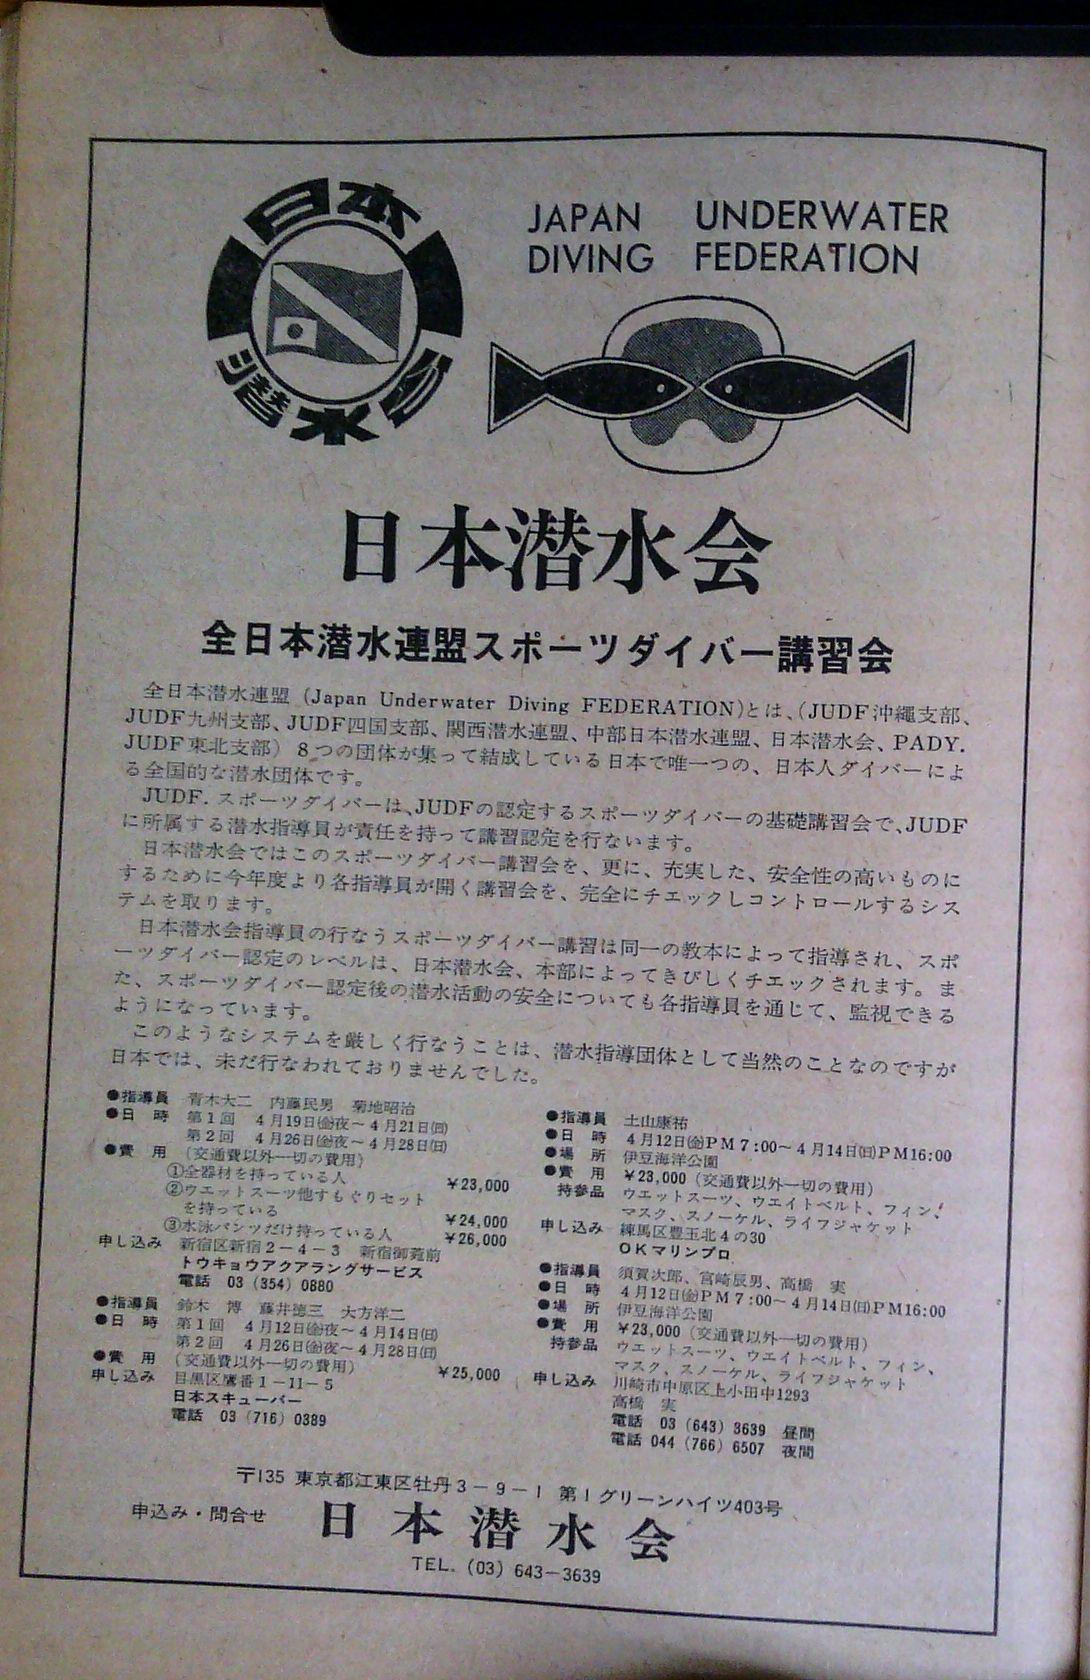 0513 ダイビングの歴史 70 海の世界 1974年 5月_b0075059_13244930.jpg